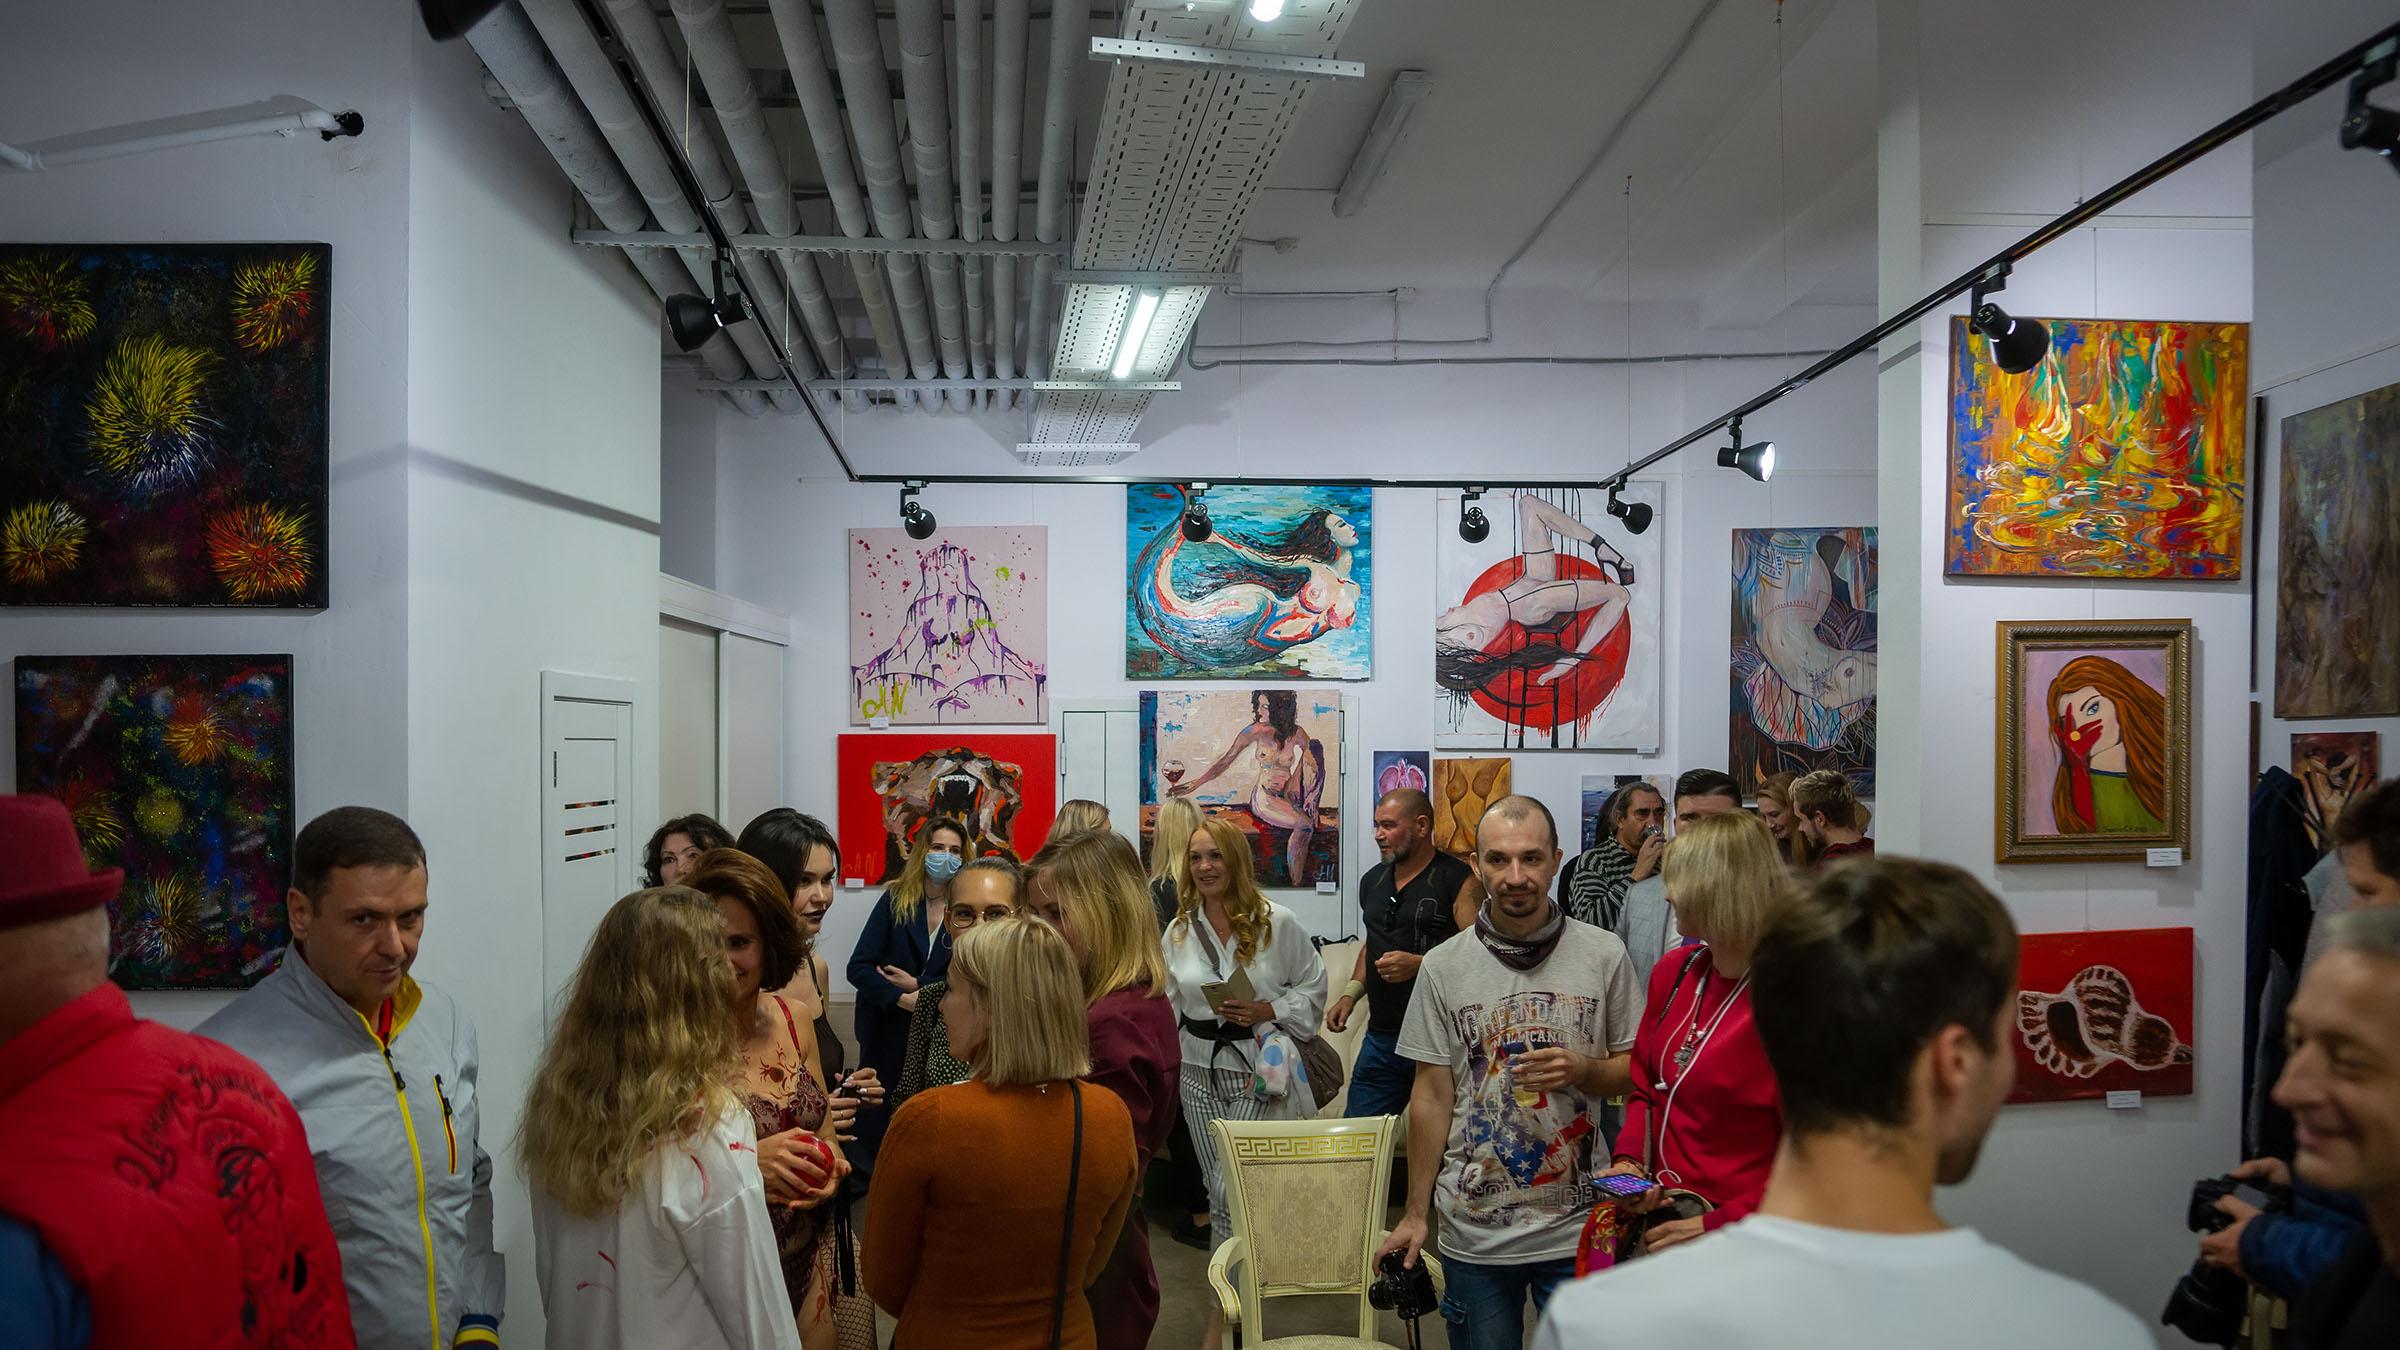 На открытии выставки «АРТ ИНТЕРЬЕР» в галерее ::Выставка «АРТ Интерьер»